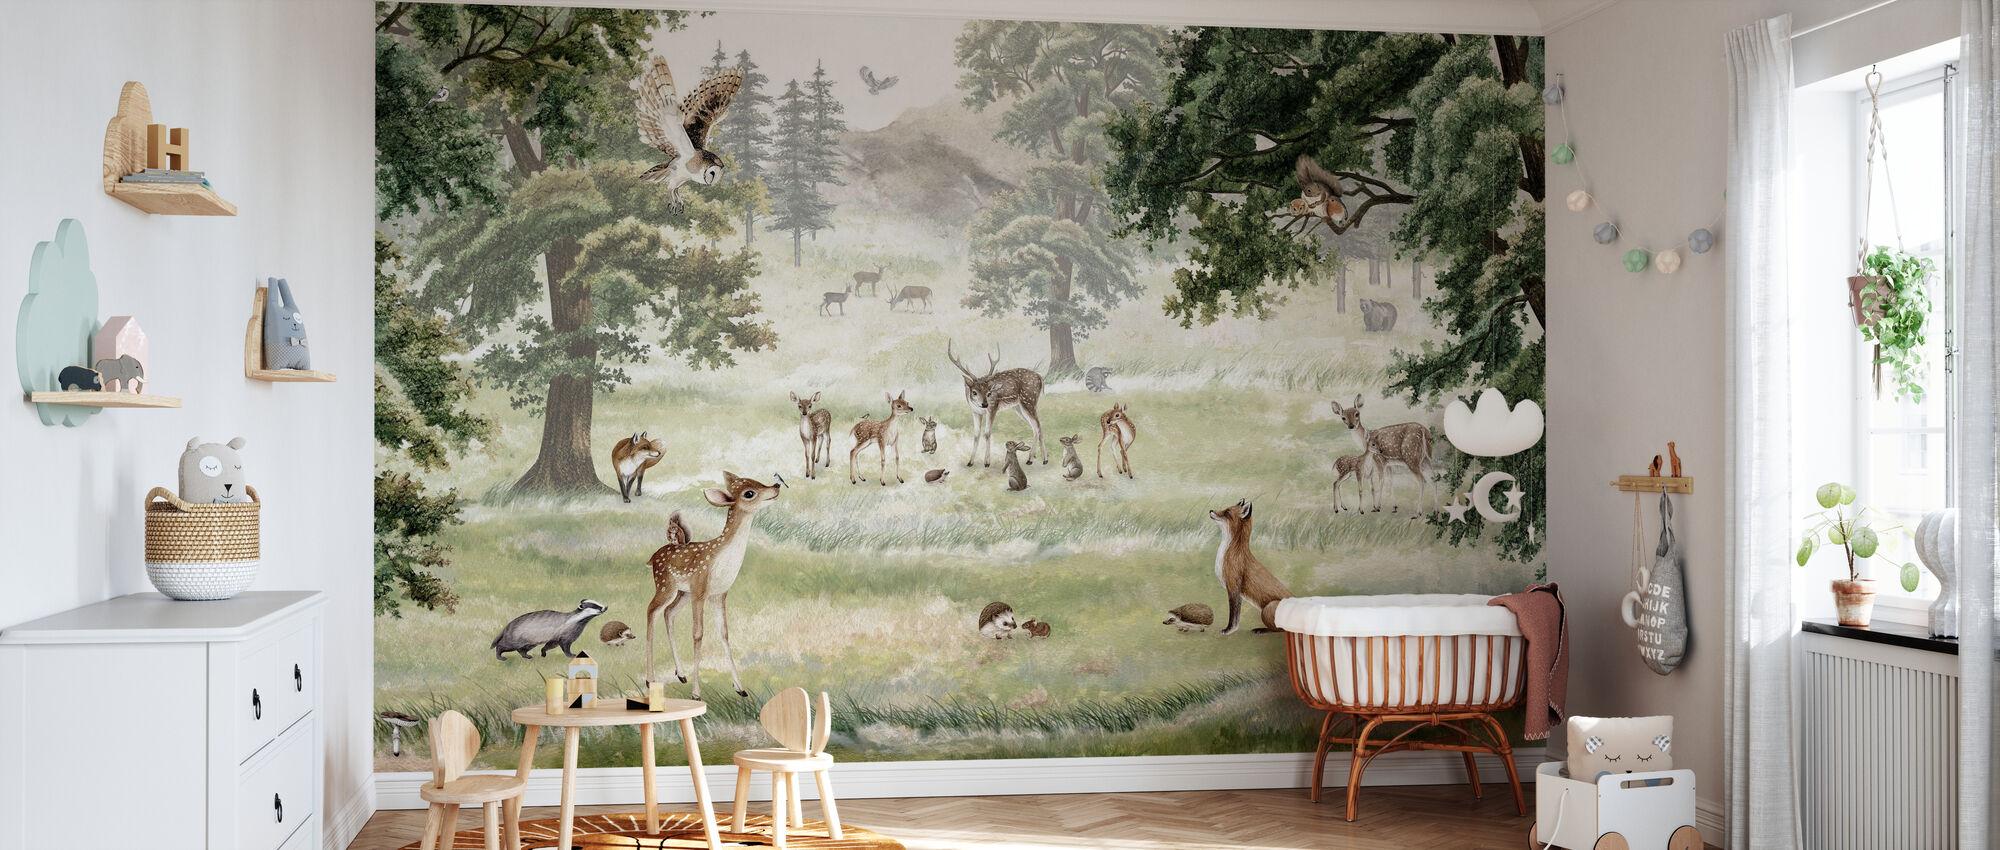 Forrest Fun - Wallpaper - Nursery